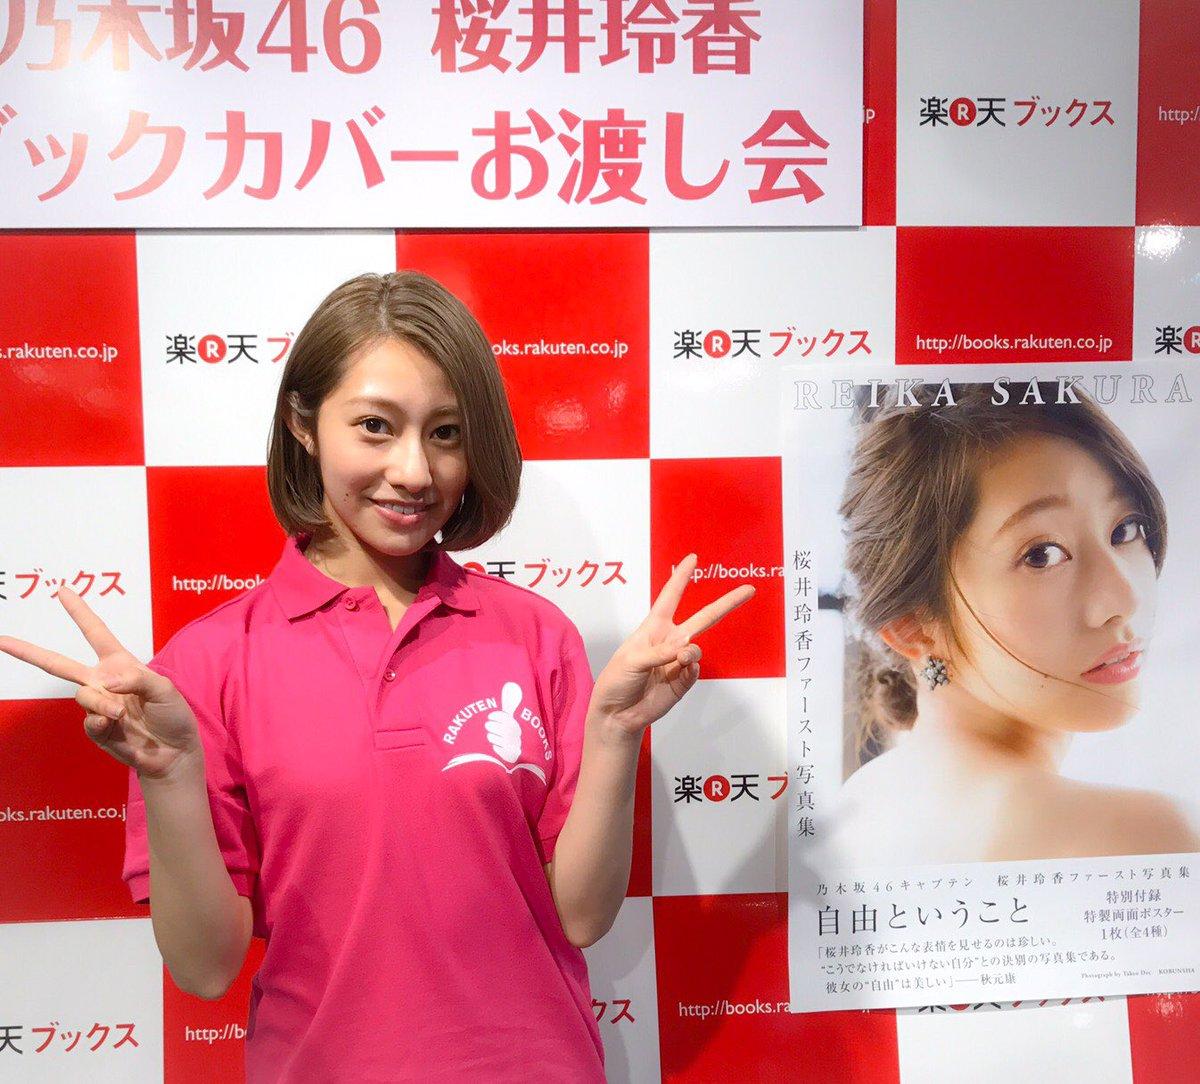 桜井玲香写真集特典の楽天ブックスのブックカバーお渡し会に来てくださった方、ありがとうございましたm...